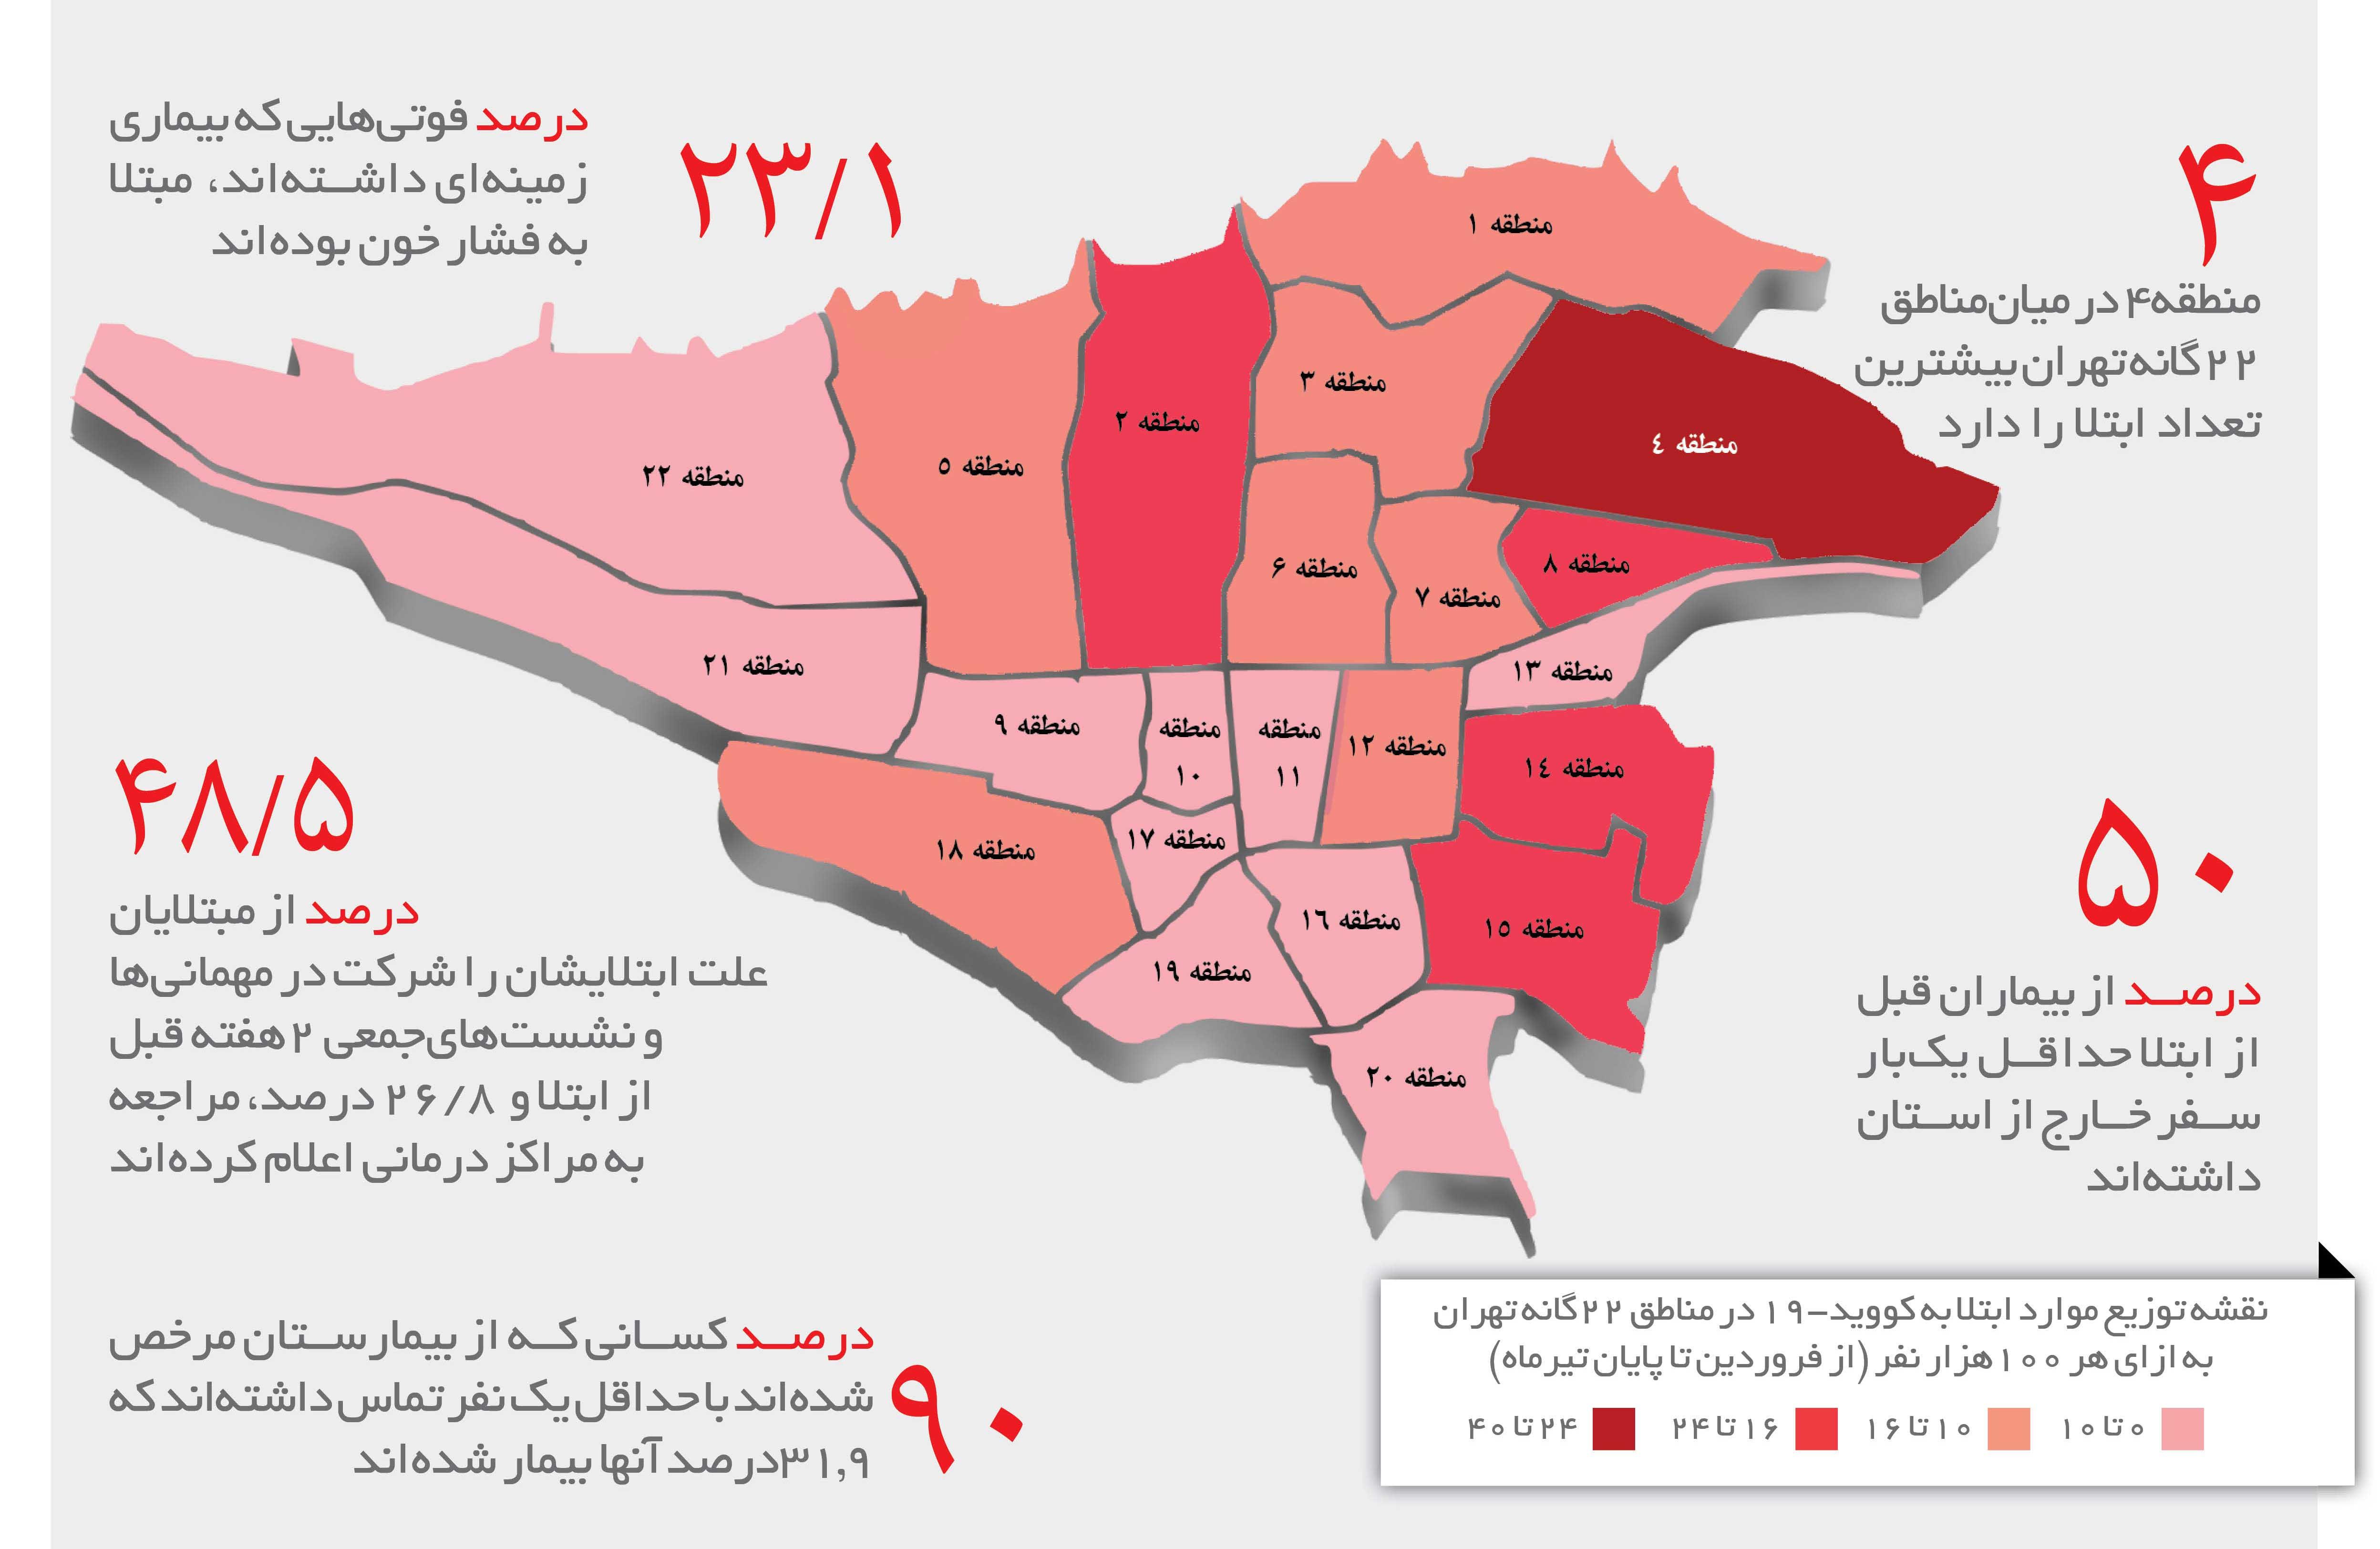 نقشه کرونا در تهران